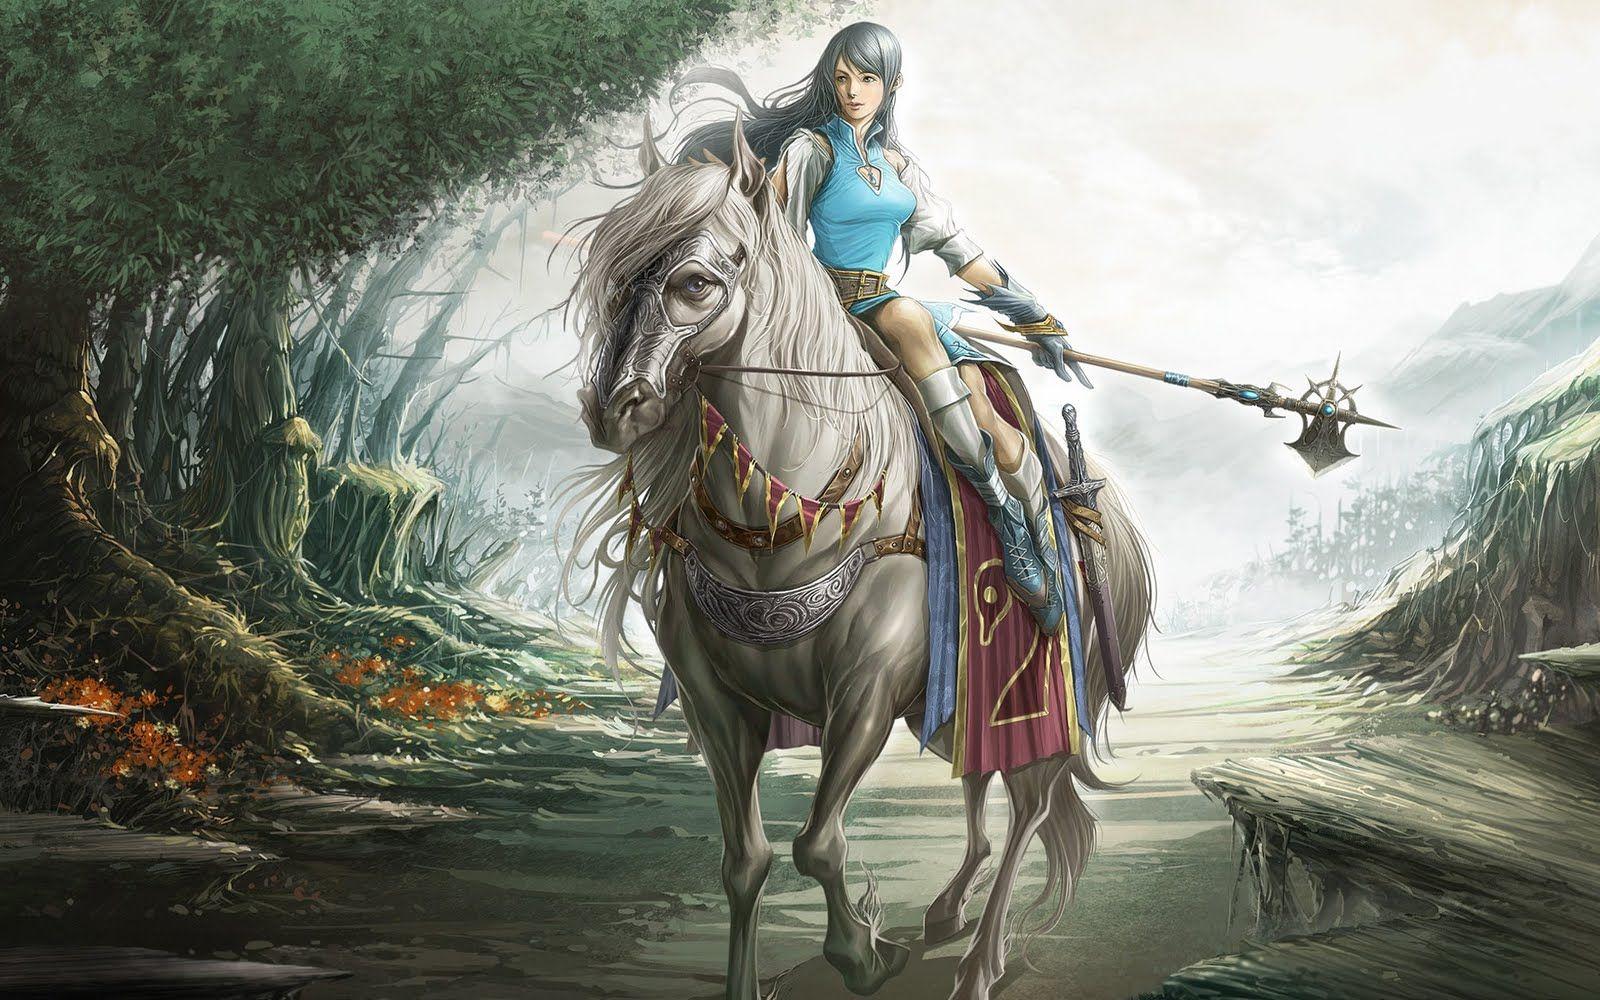 Wonderful Wallpaper Horse Creative - 4c43b9b7261b38e5340b8a63510a9321  HD_913081.jpg